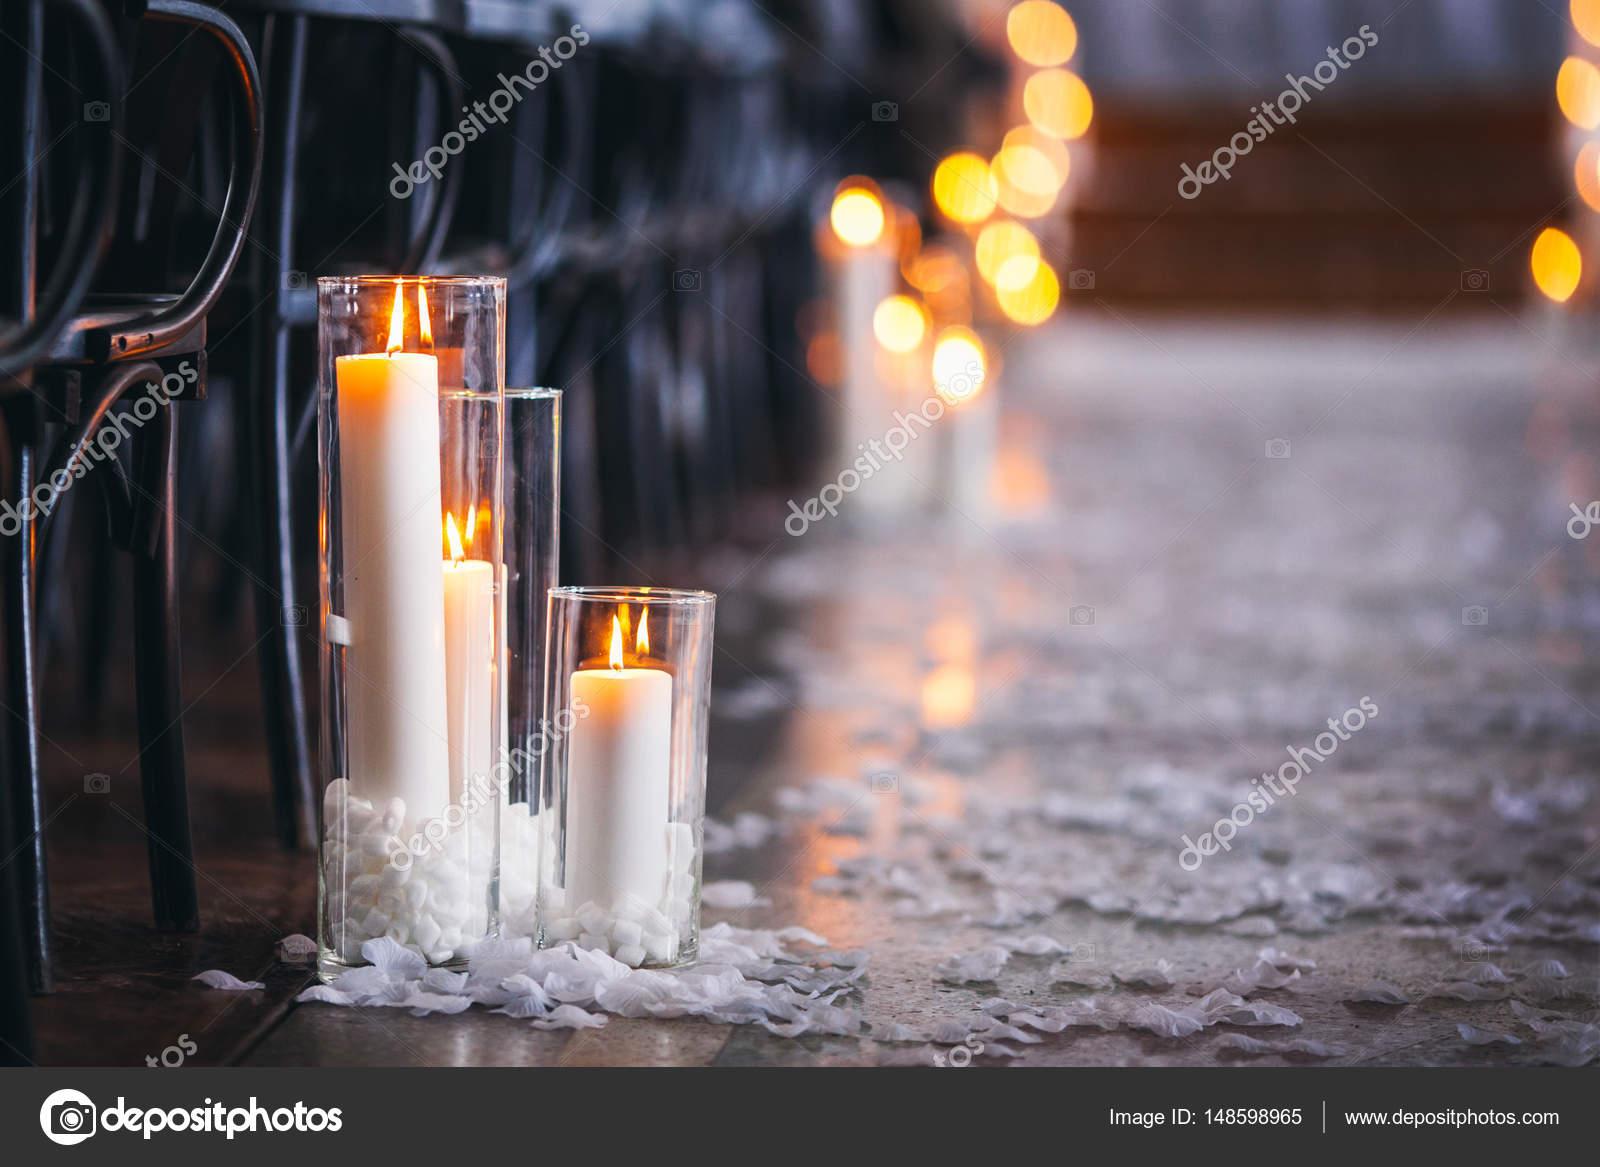 Hochzeit Dekoration In Der Kirche Kerzen Hintergrund Unscharf